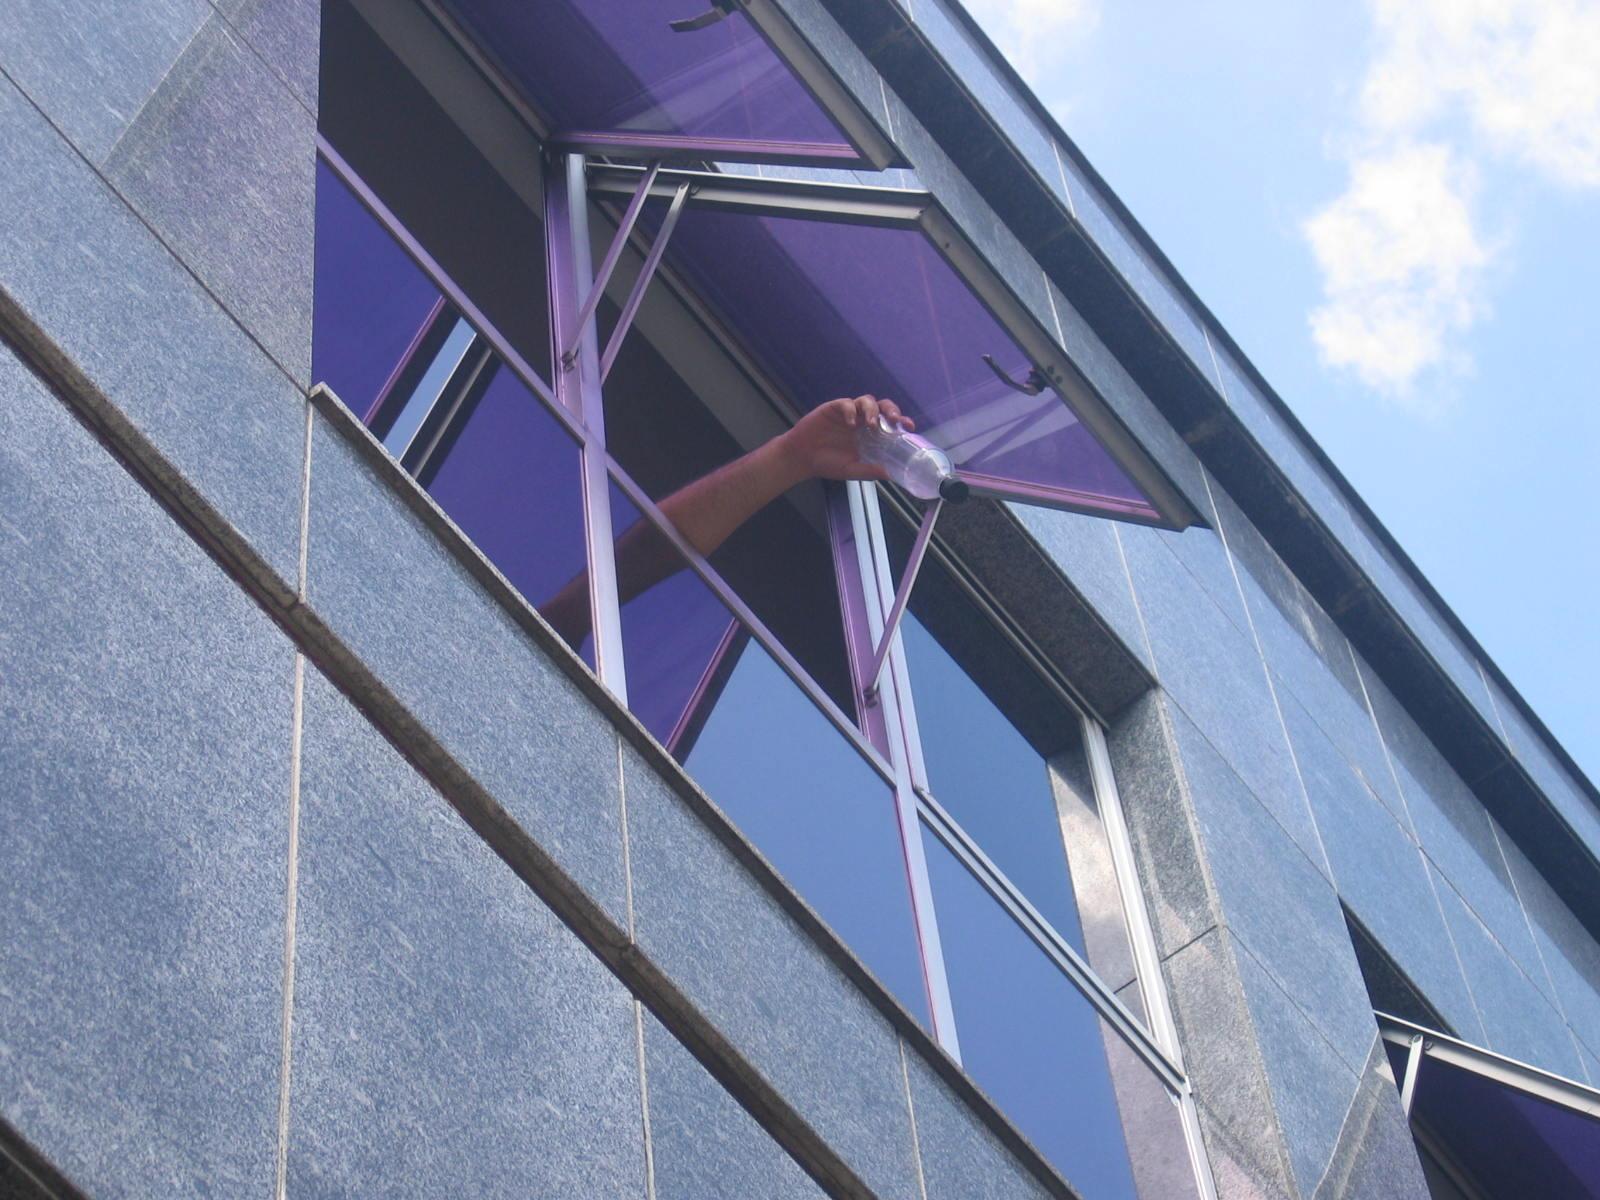 Quem é responsável pelo que cai das janelas dos condomínios?